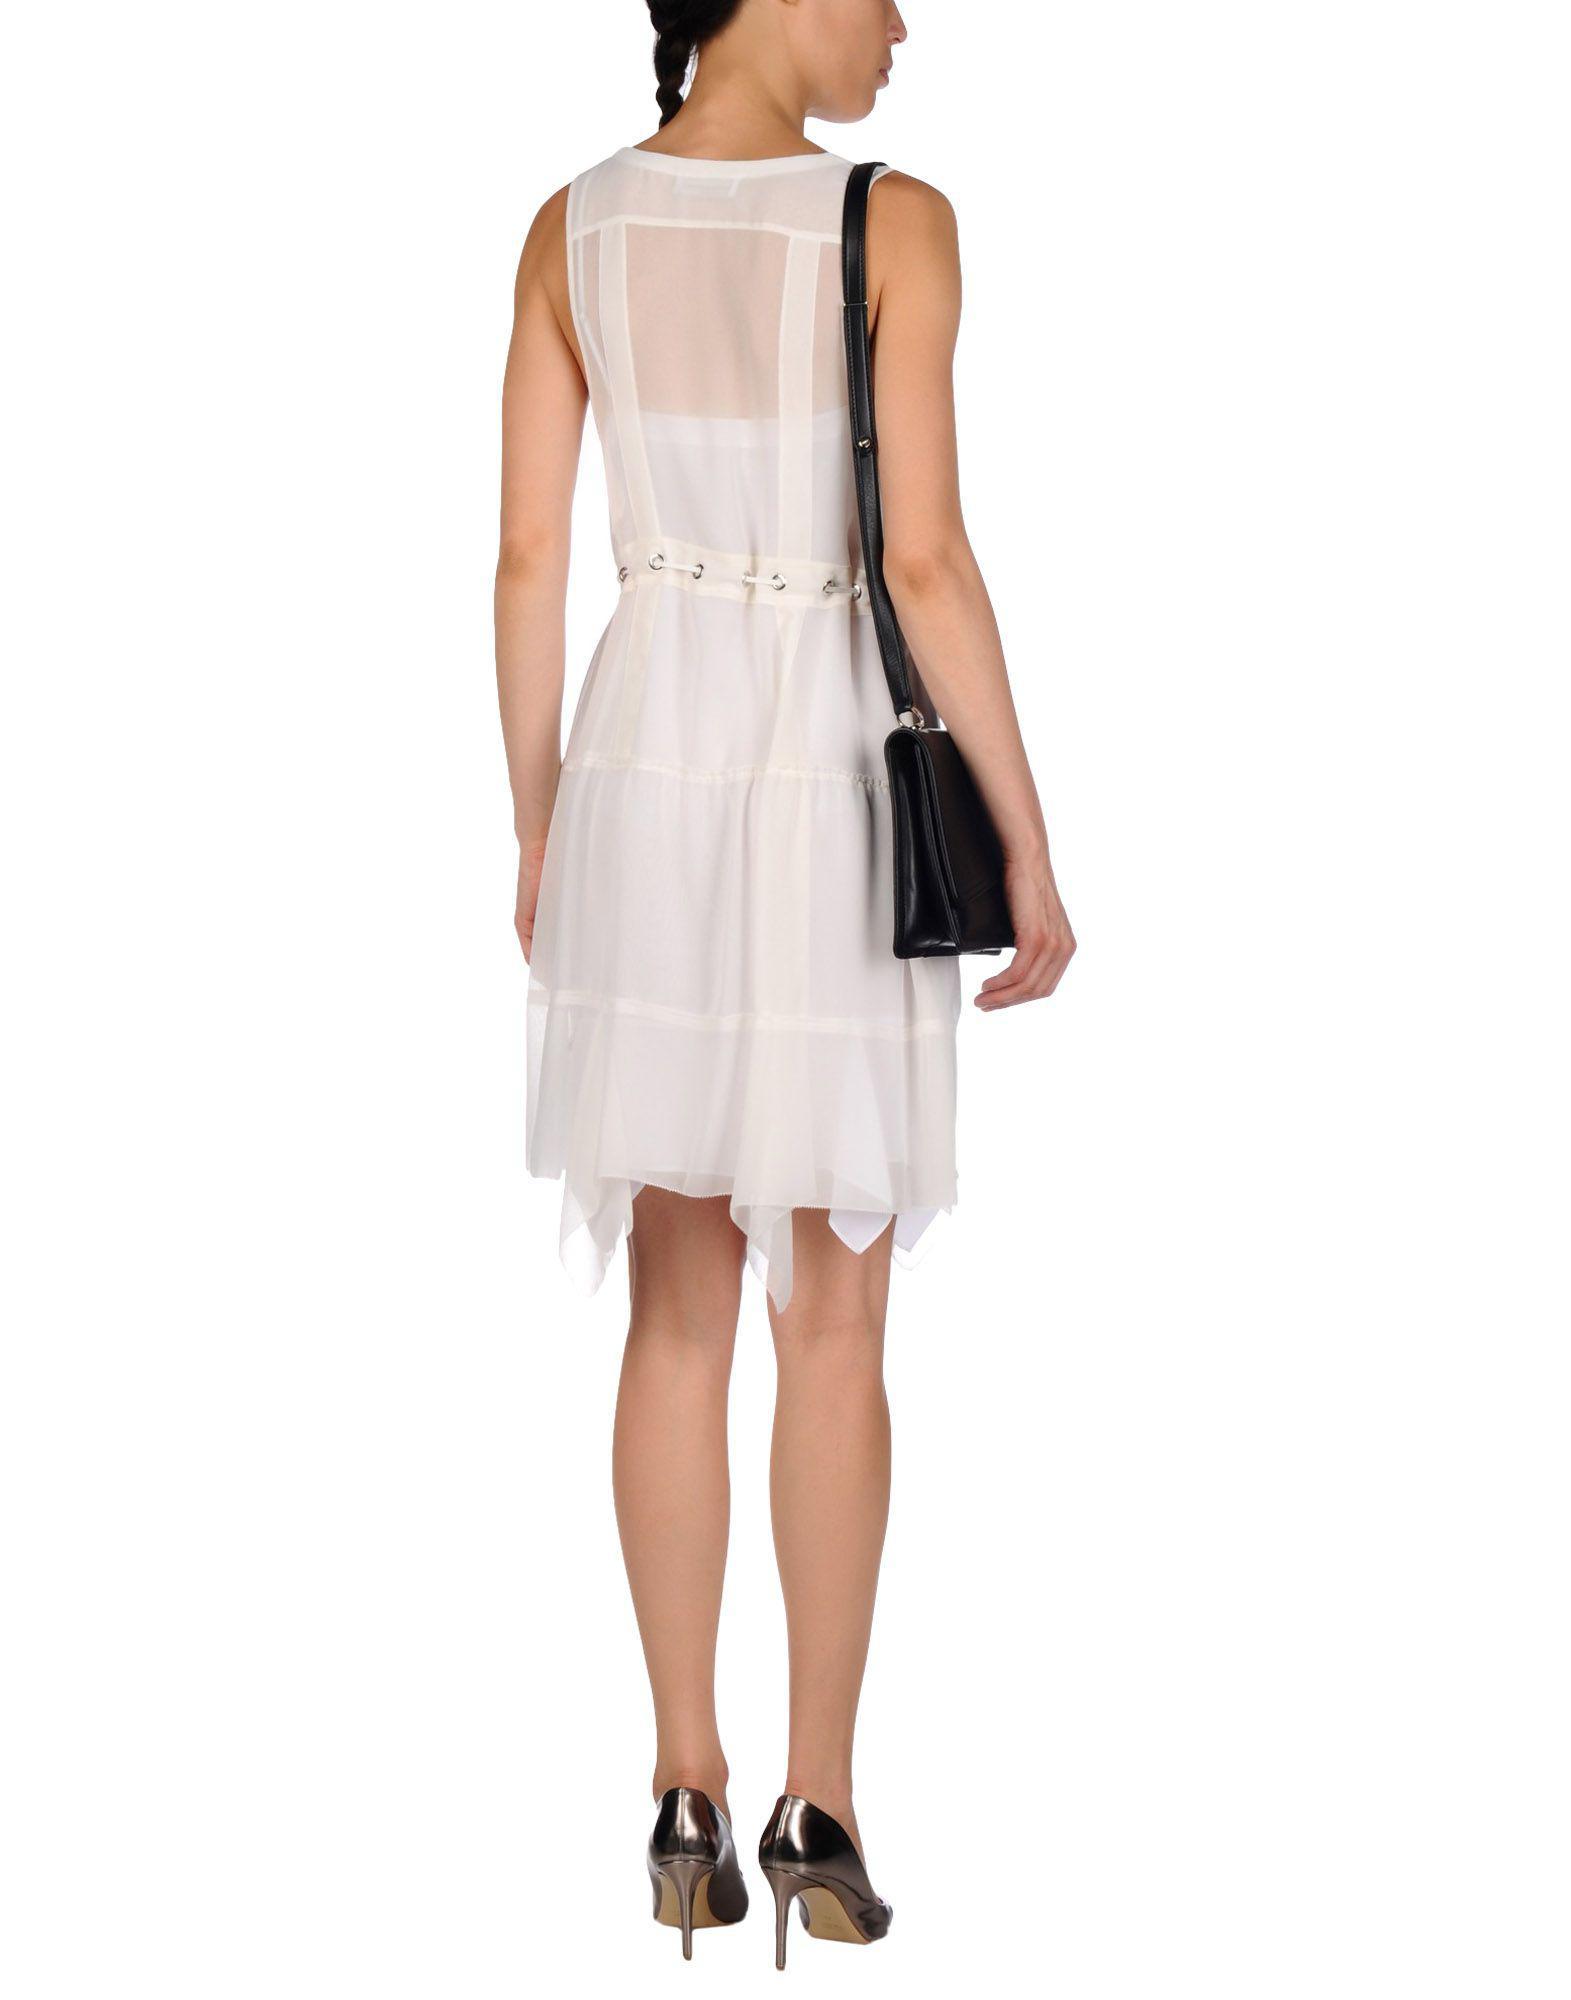 d98e30cbc40 Lyst - Diesel Black Gold Short Dress in White